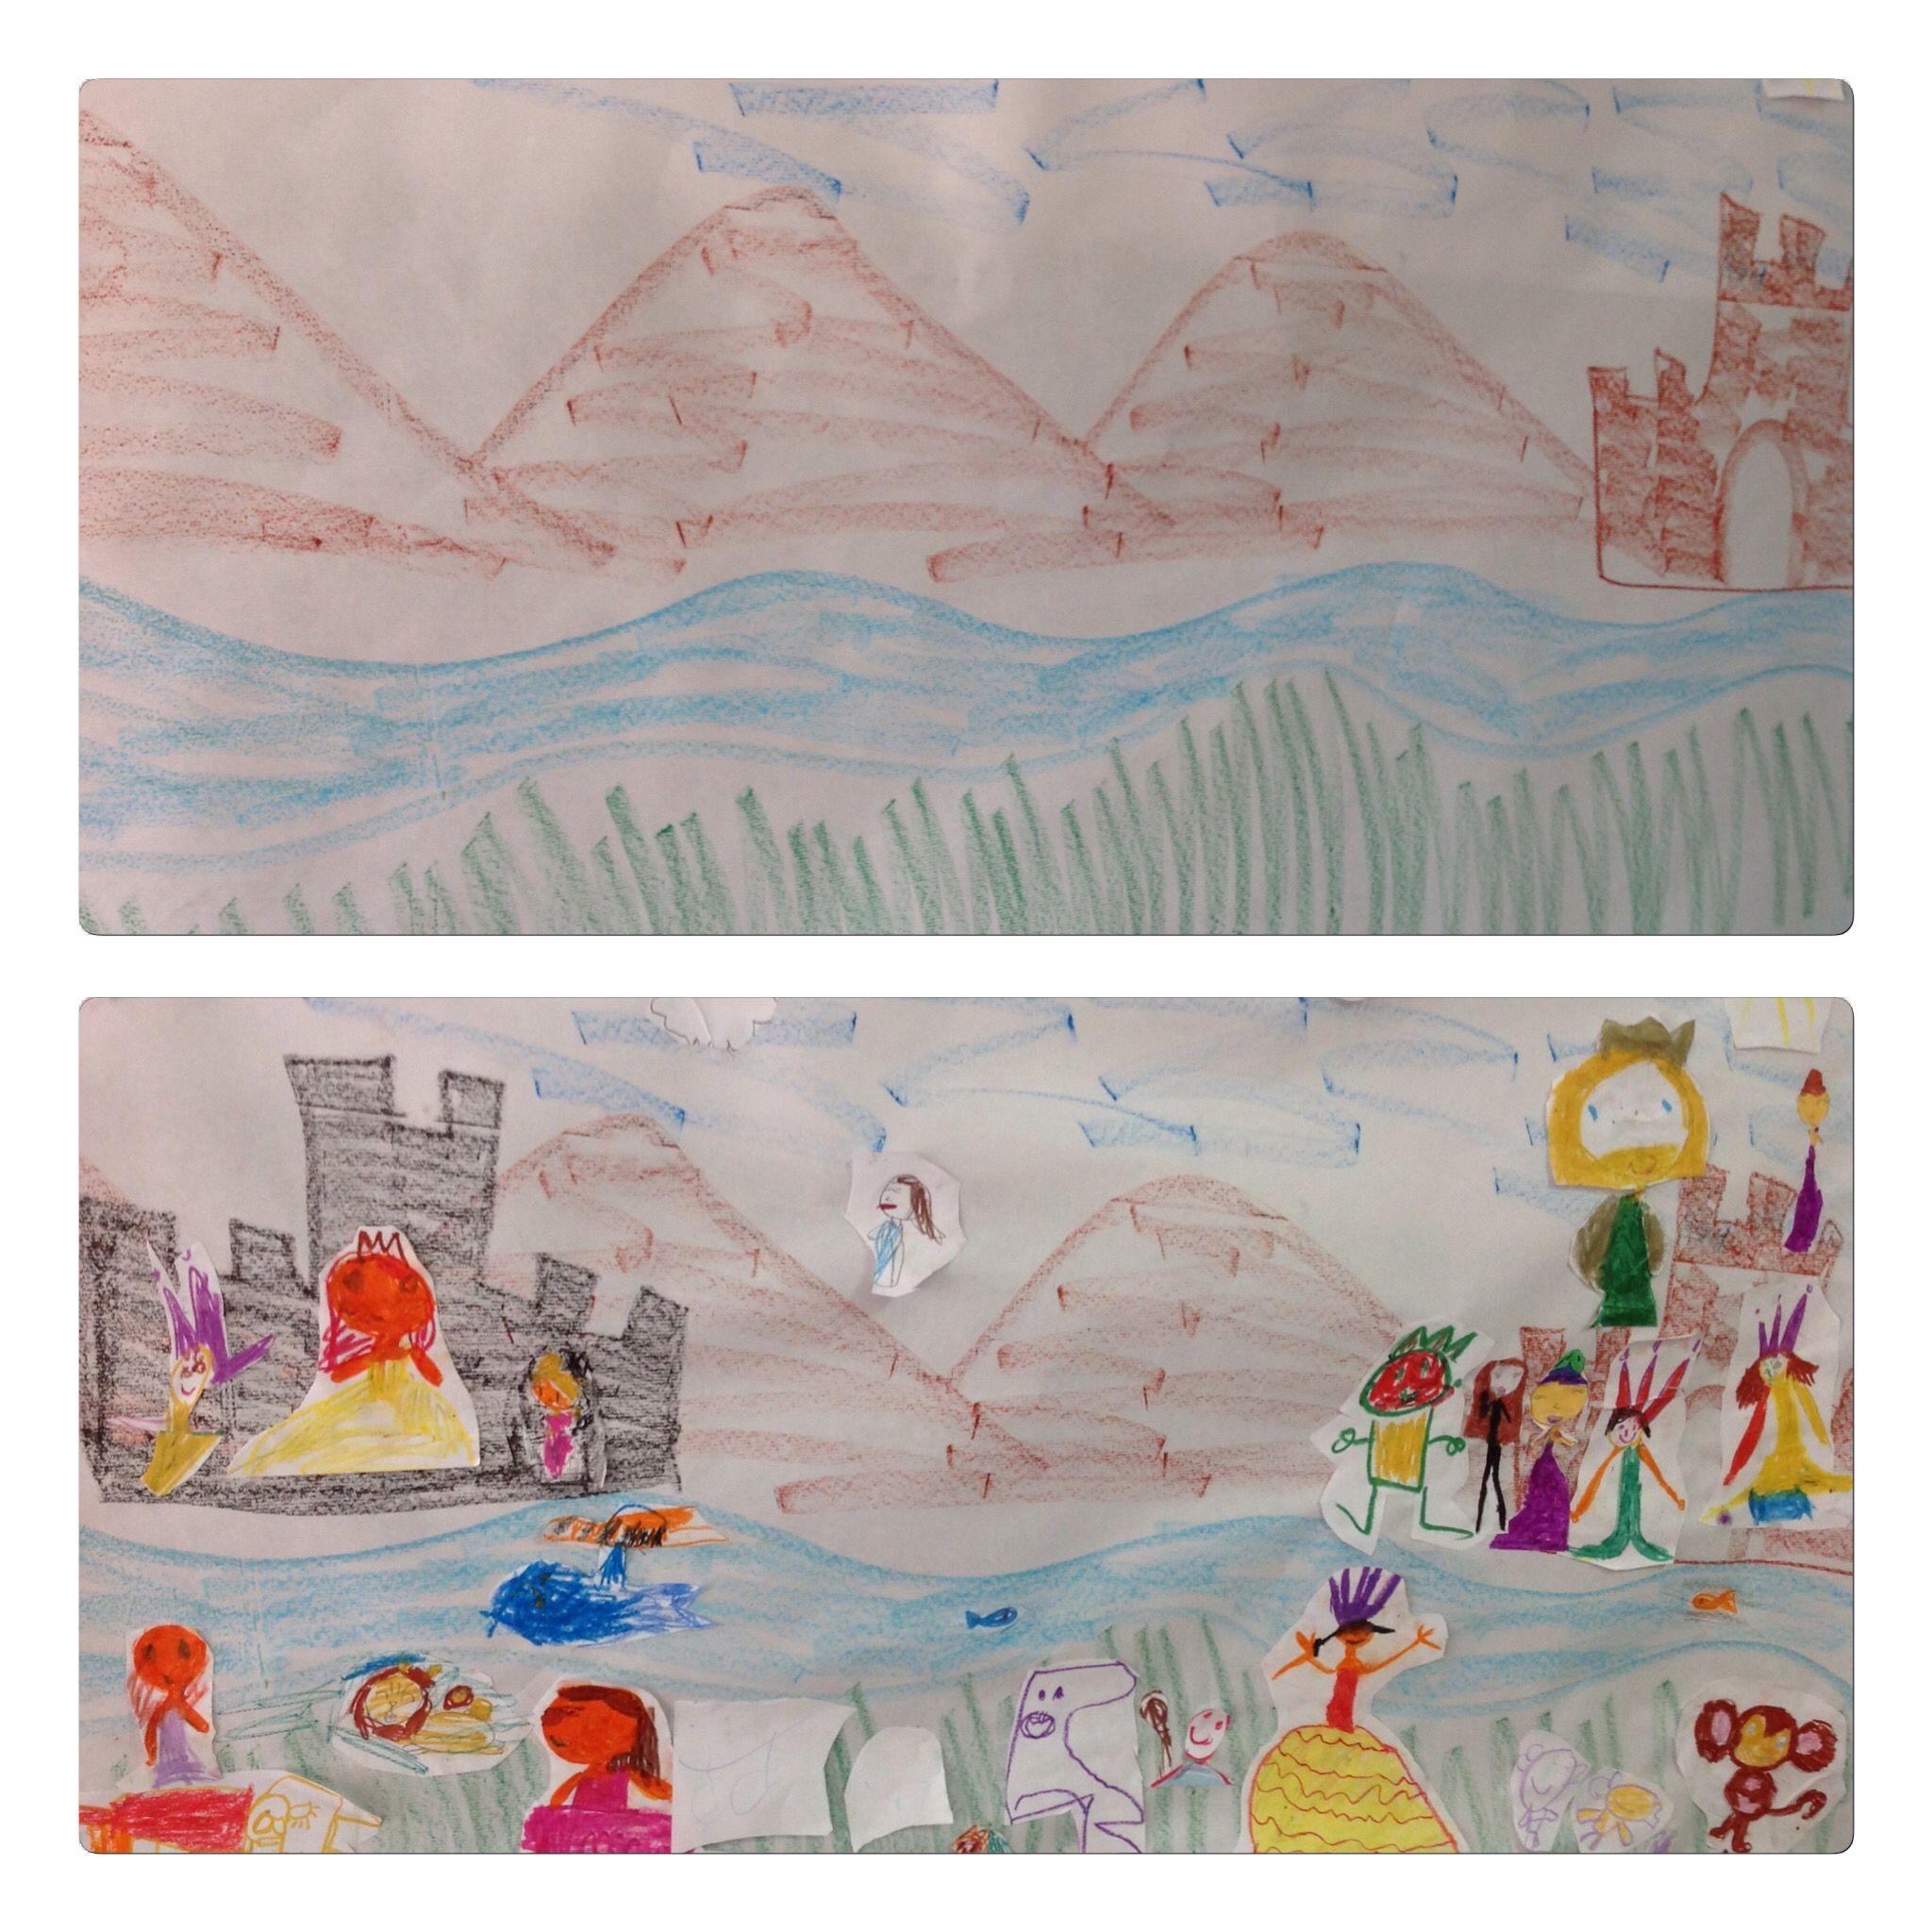 CUENTOS. Pintamos en un mural un paisaje para que los niños incluyan personajes u objetos que ellos dibujan. A continuación cada niño cuenta qué ha pintado y qué le ocurre. Unimos todo lo que han narrado y ya tenemos nuestro cuento. Alumnos de 5 años. Colegio Nstr. Sra. Santa María. Madrid